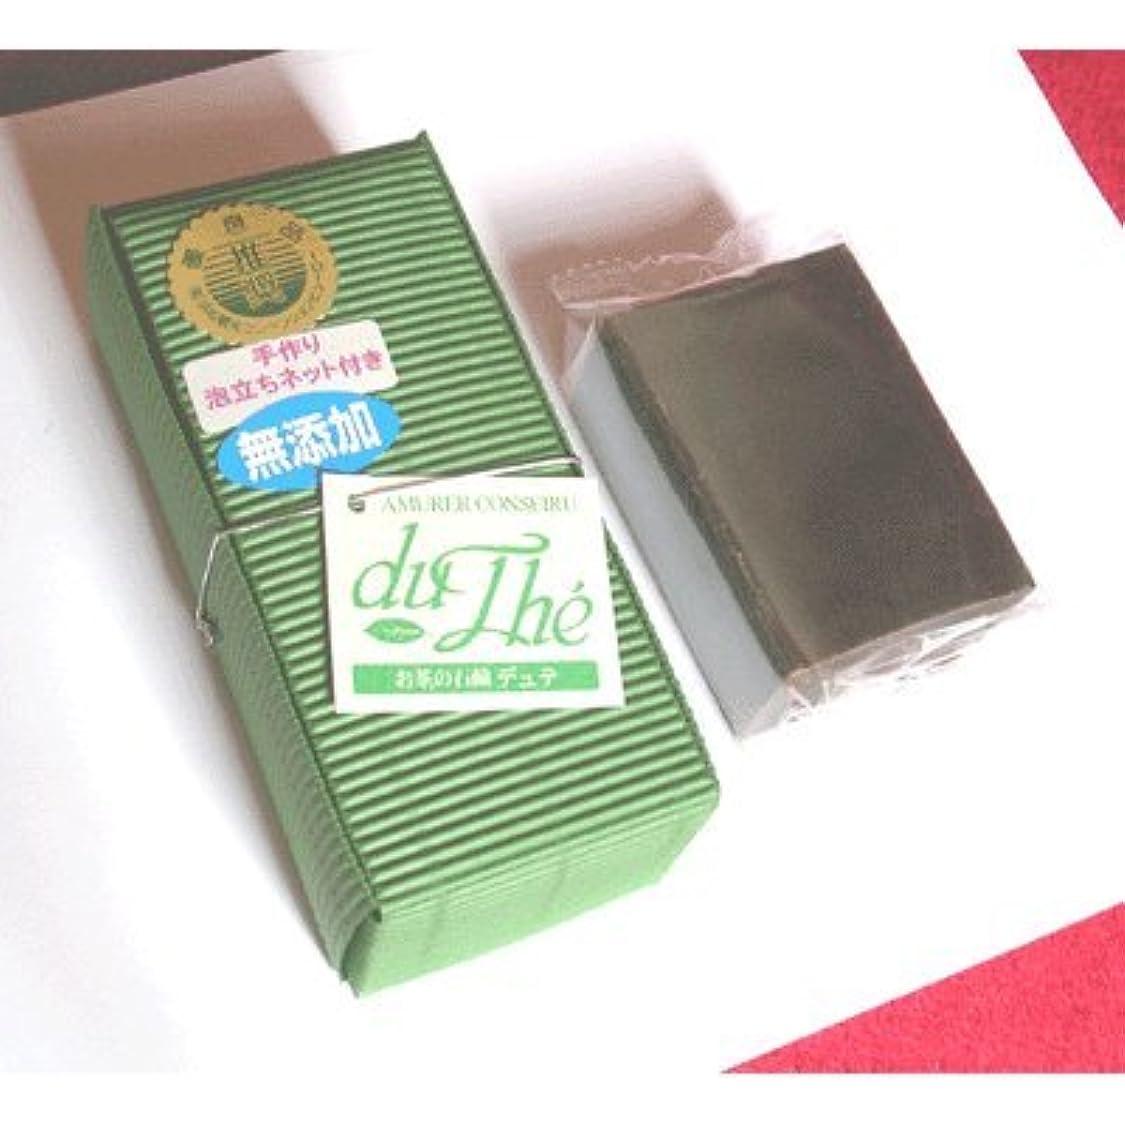 主流オークランド障害デュテお茶の石鹸120g 泡立てネット付